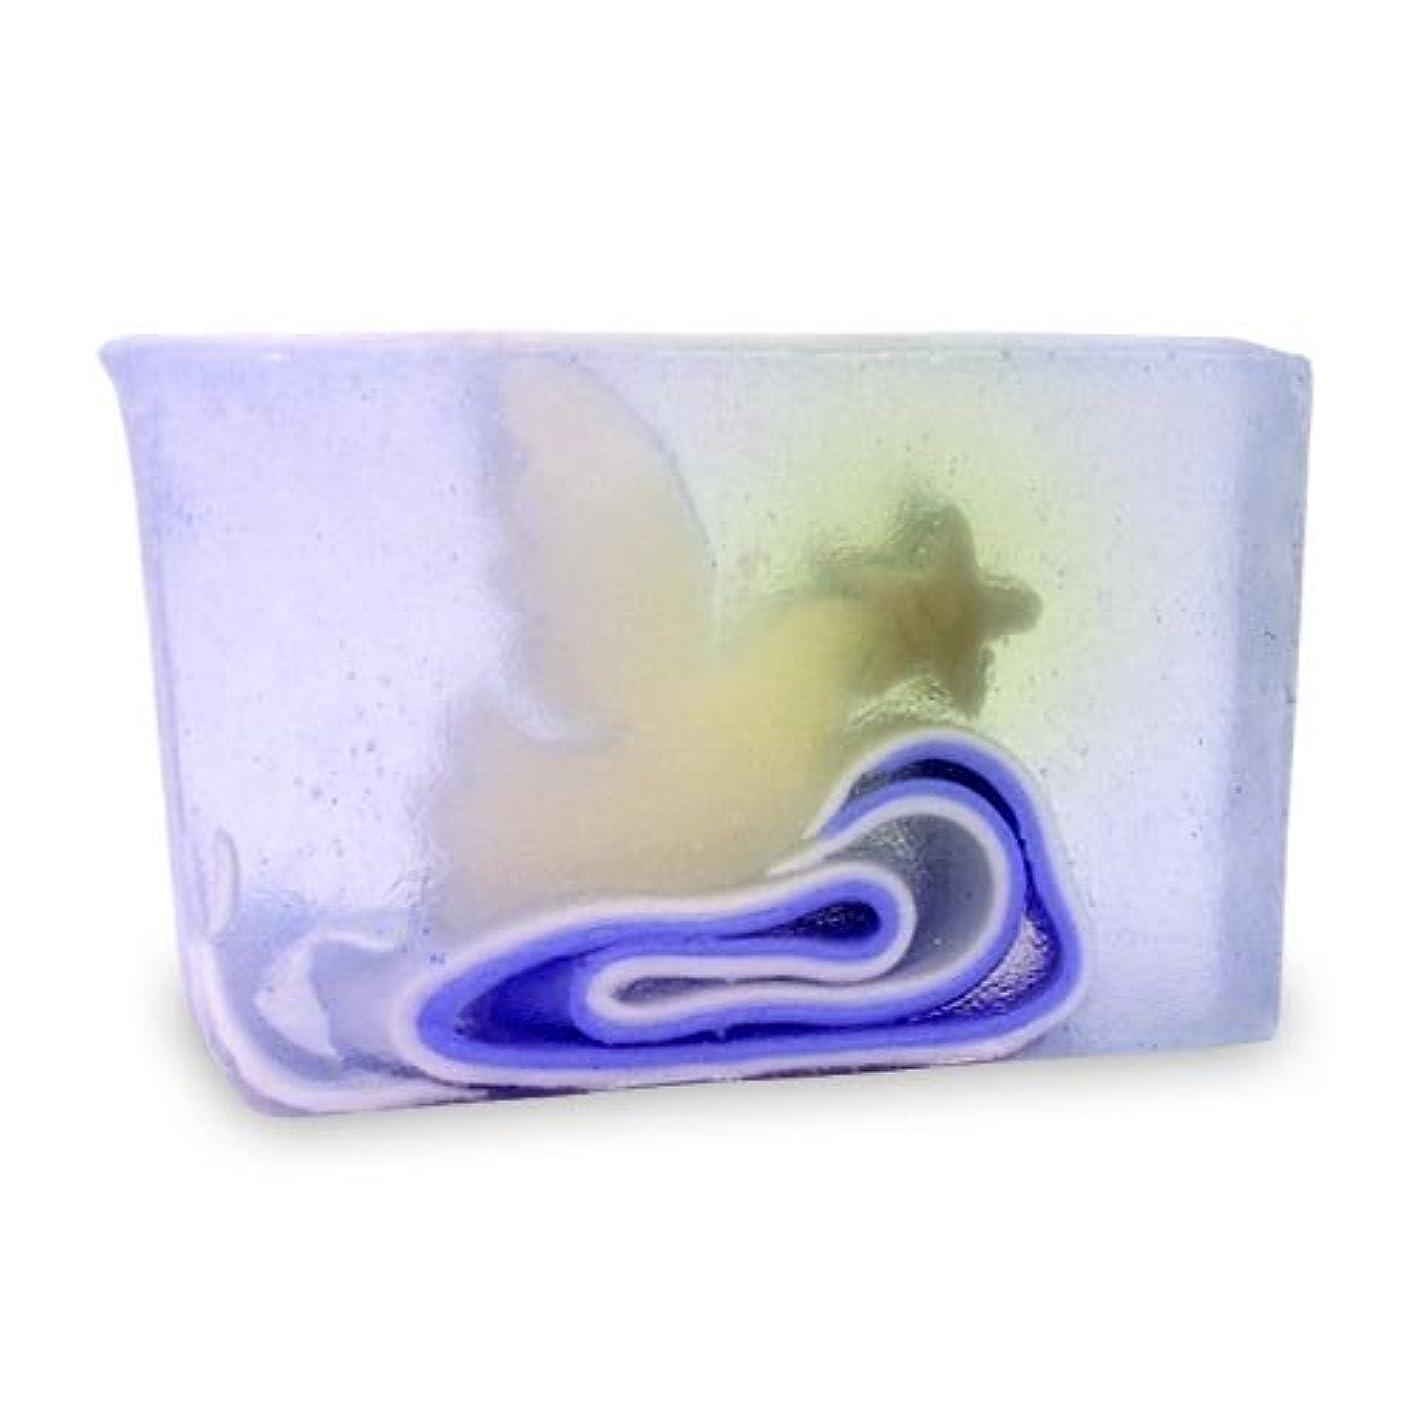 推進煙ペレットプライモールエレメンツ アロマティック ソープ ピース 180g 植物性 ナチュラル 石鹸 無添加